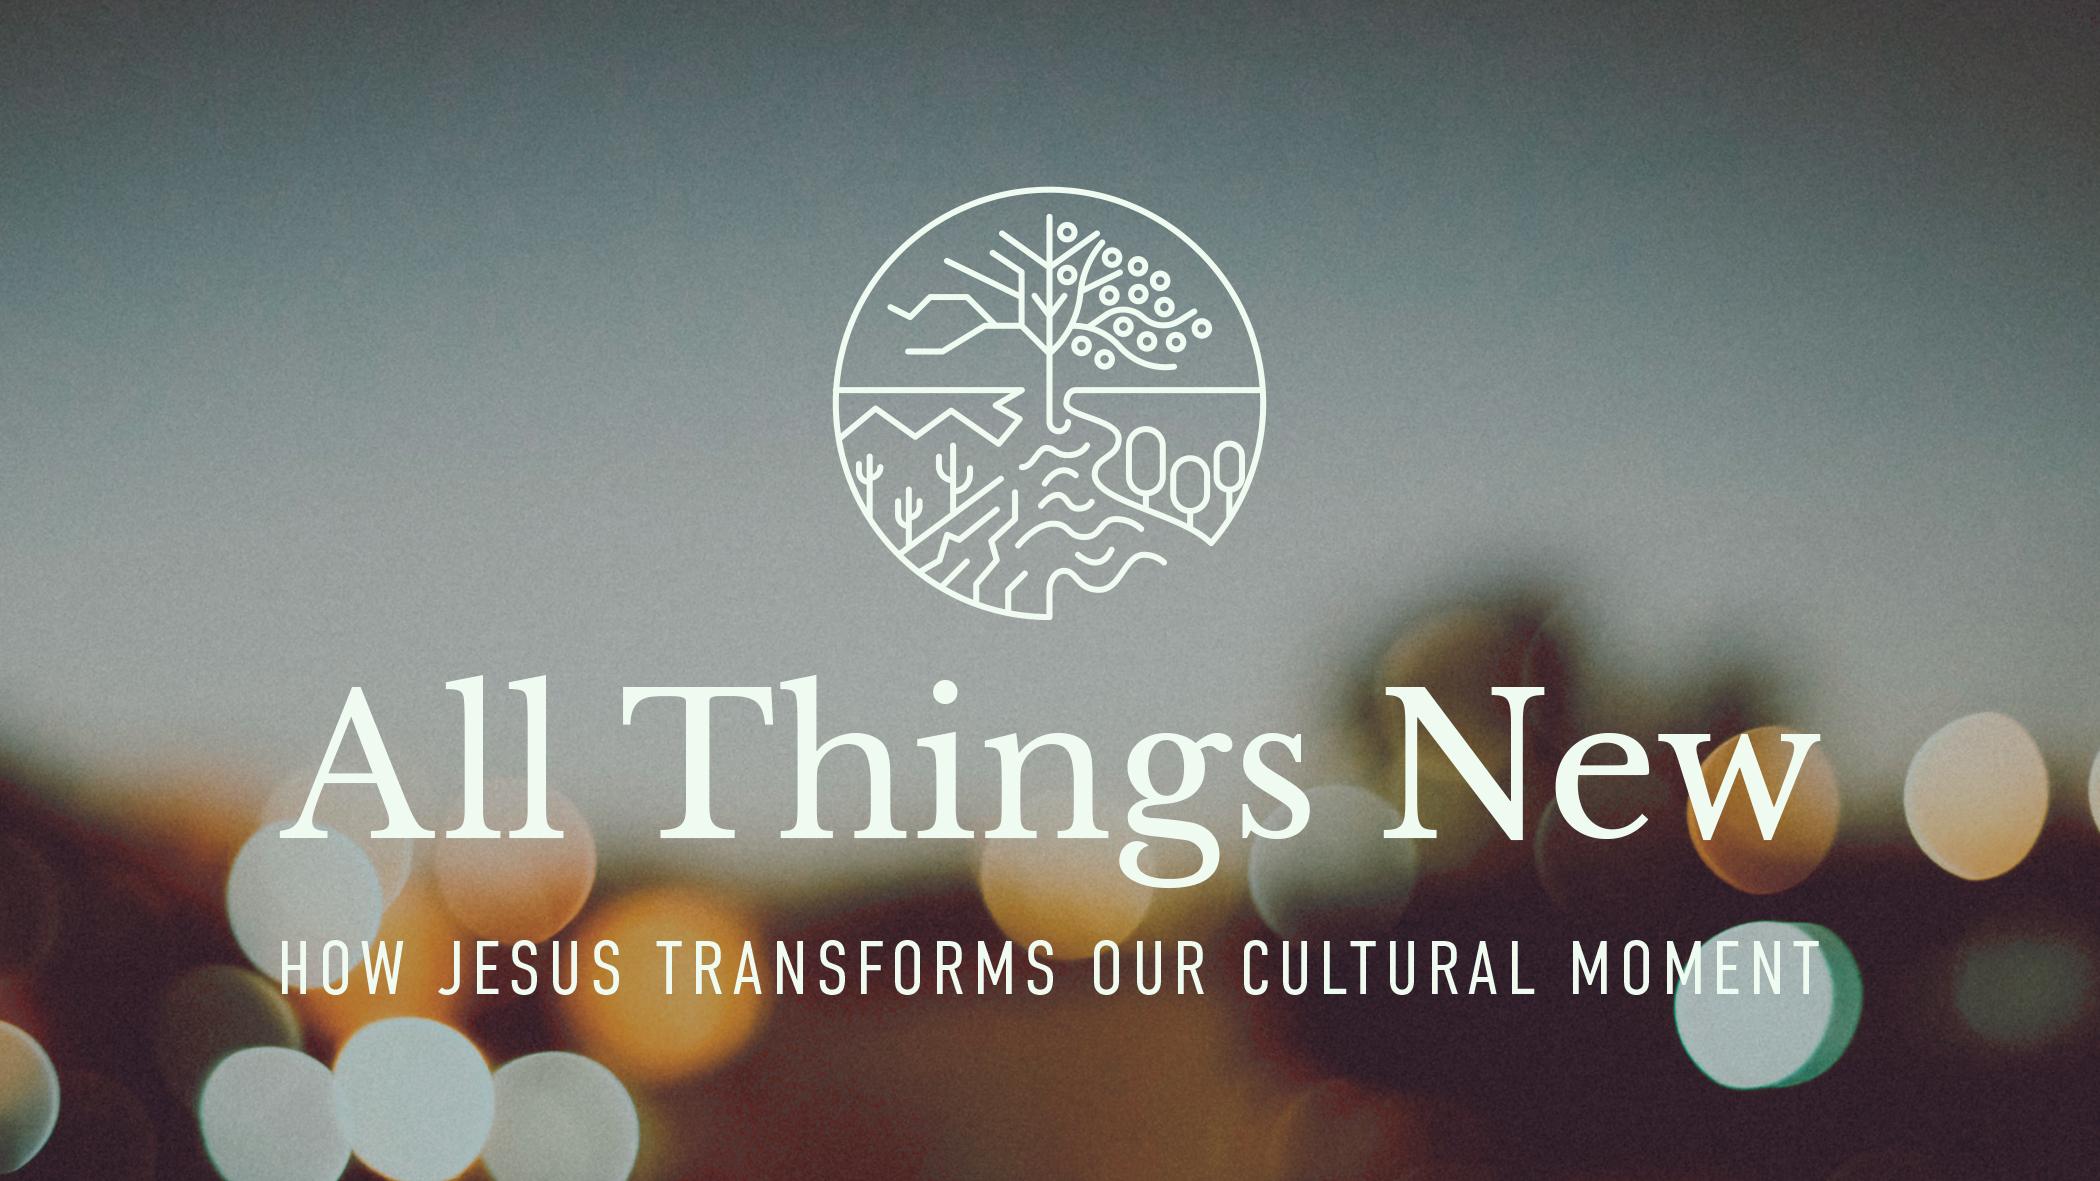 All_things_new_v1.jpg